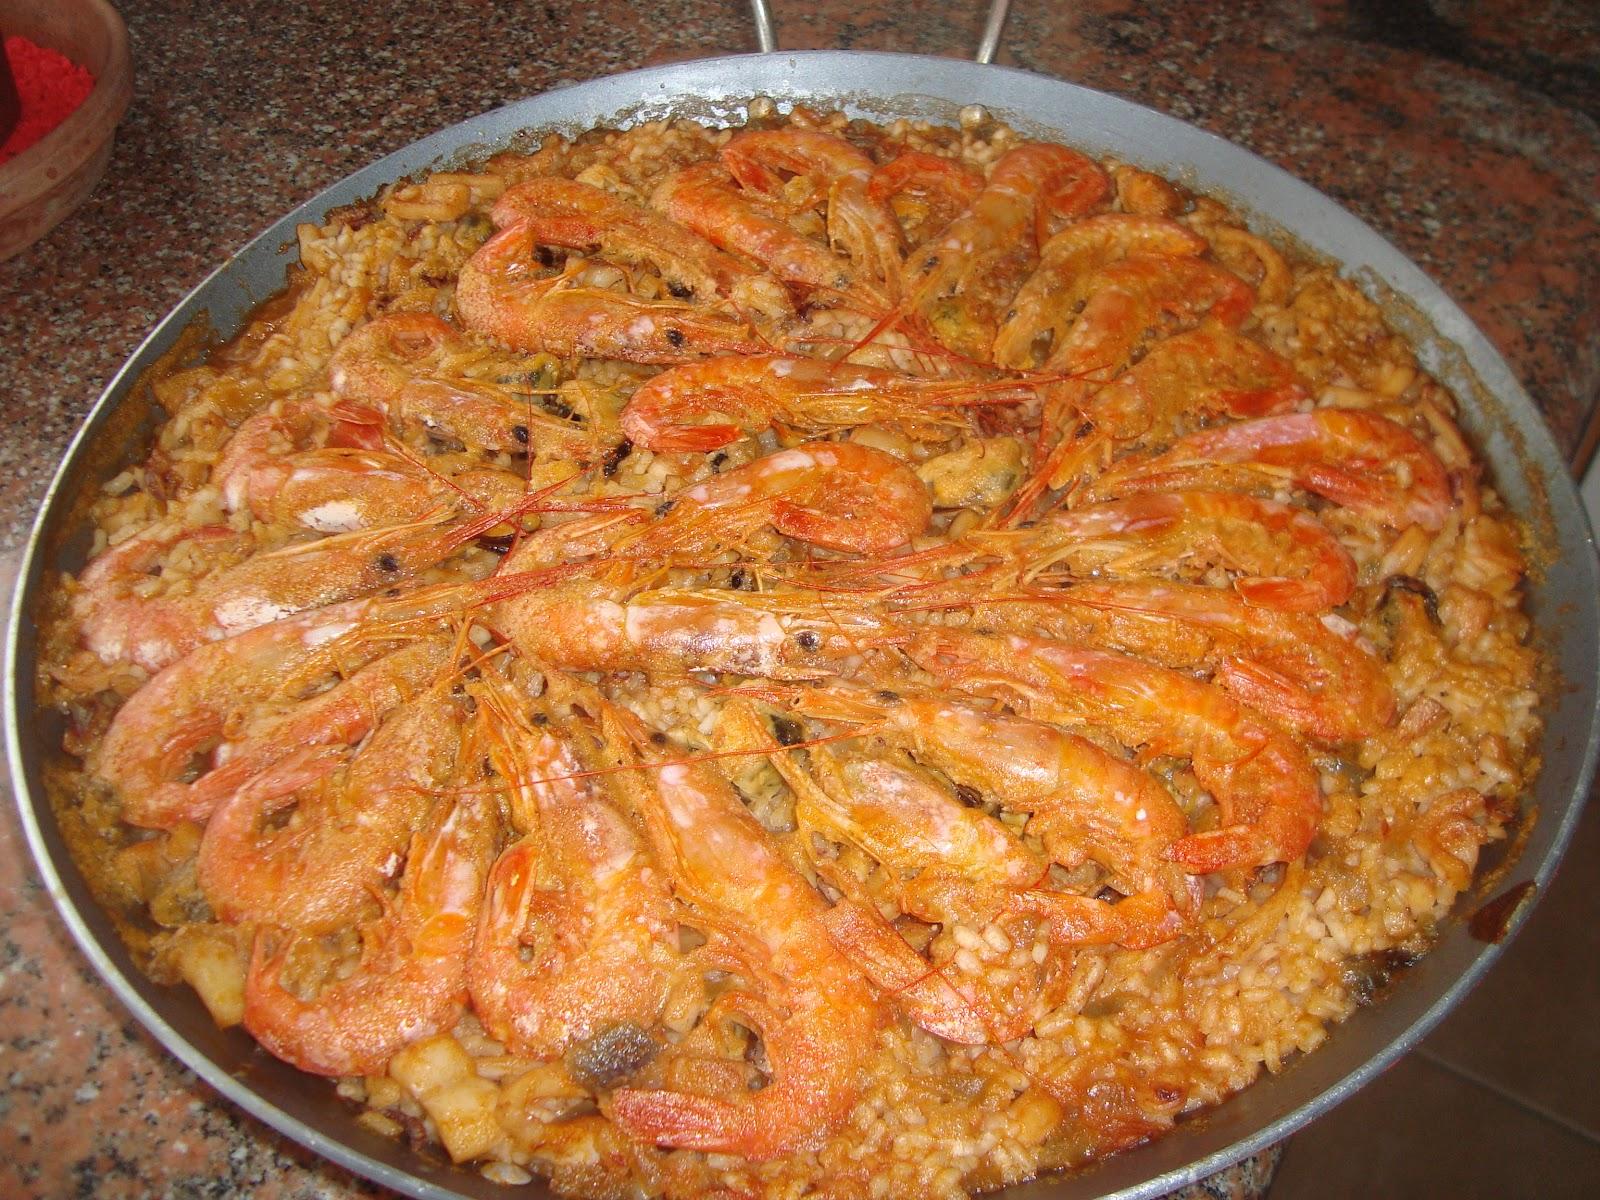 Blog de recetas de cocina caseras paella de pescado - Paella de pescado ...